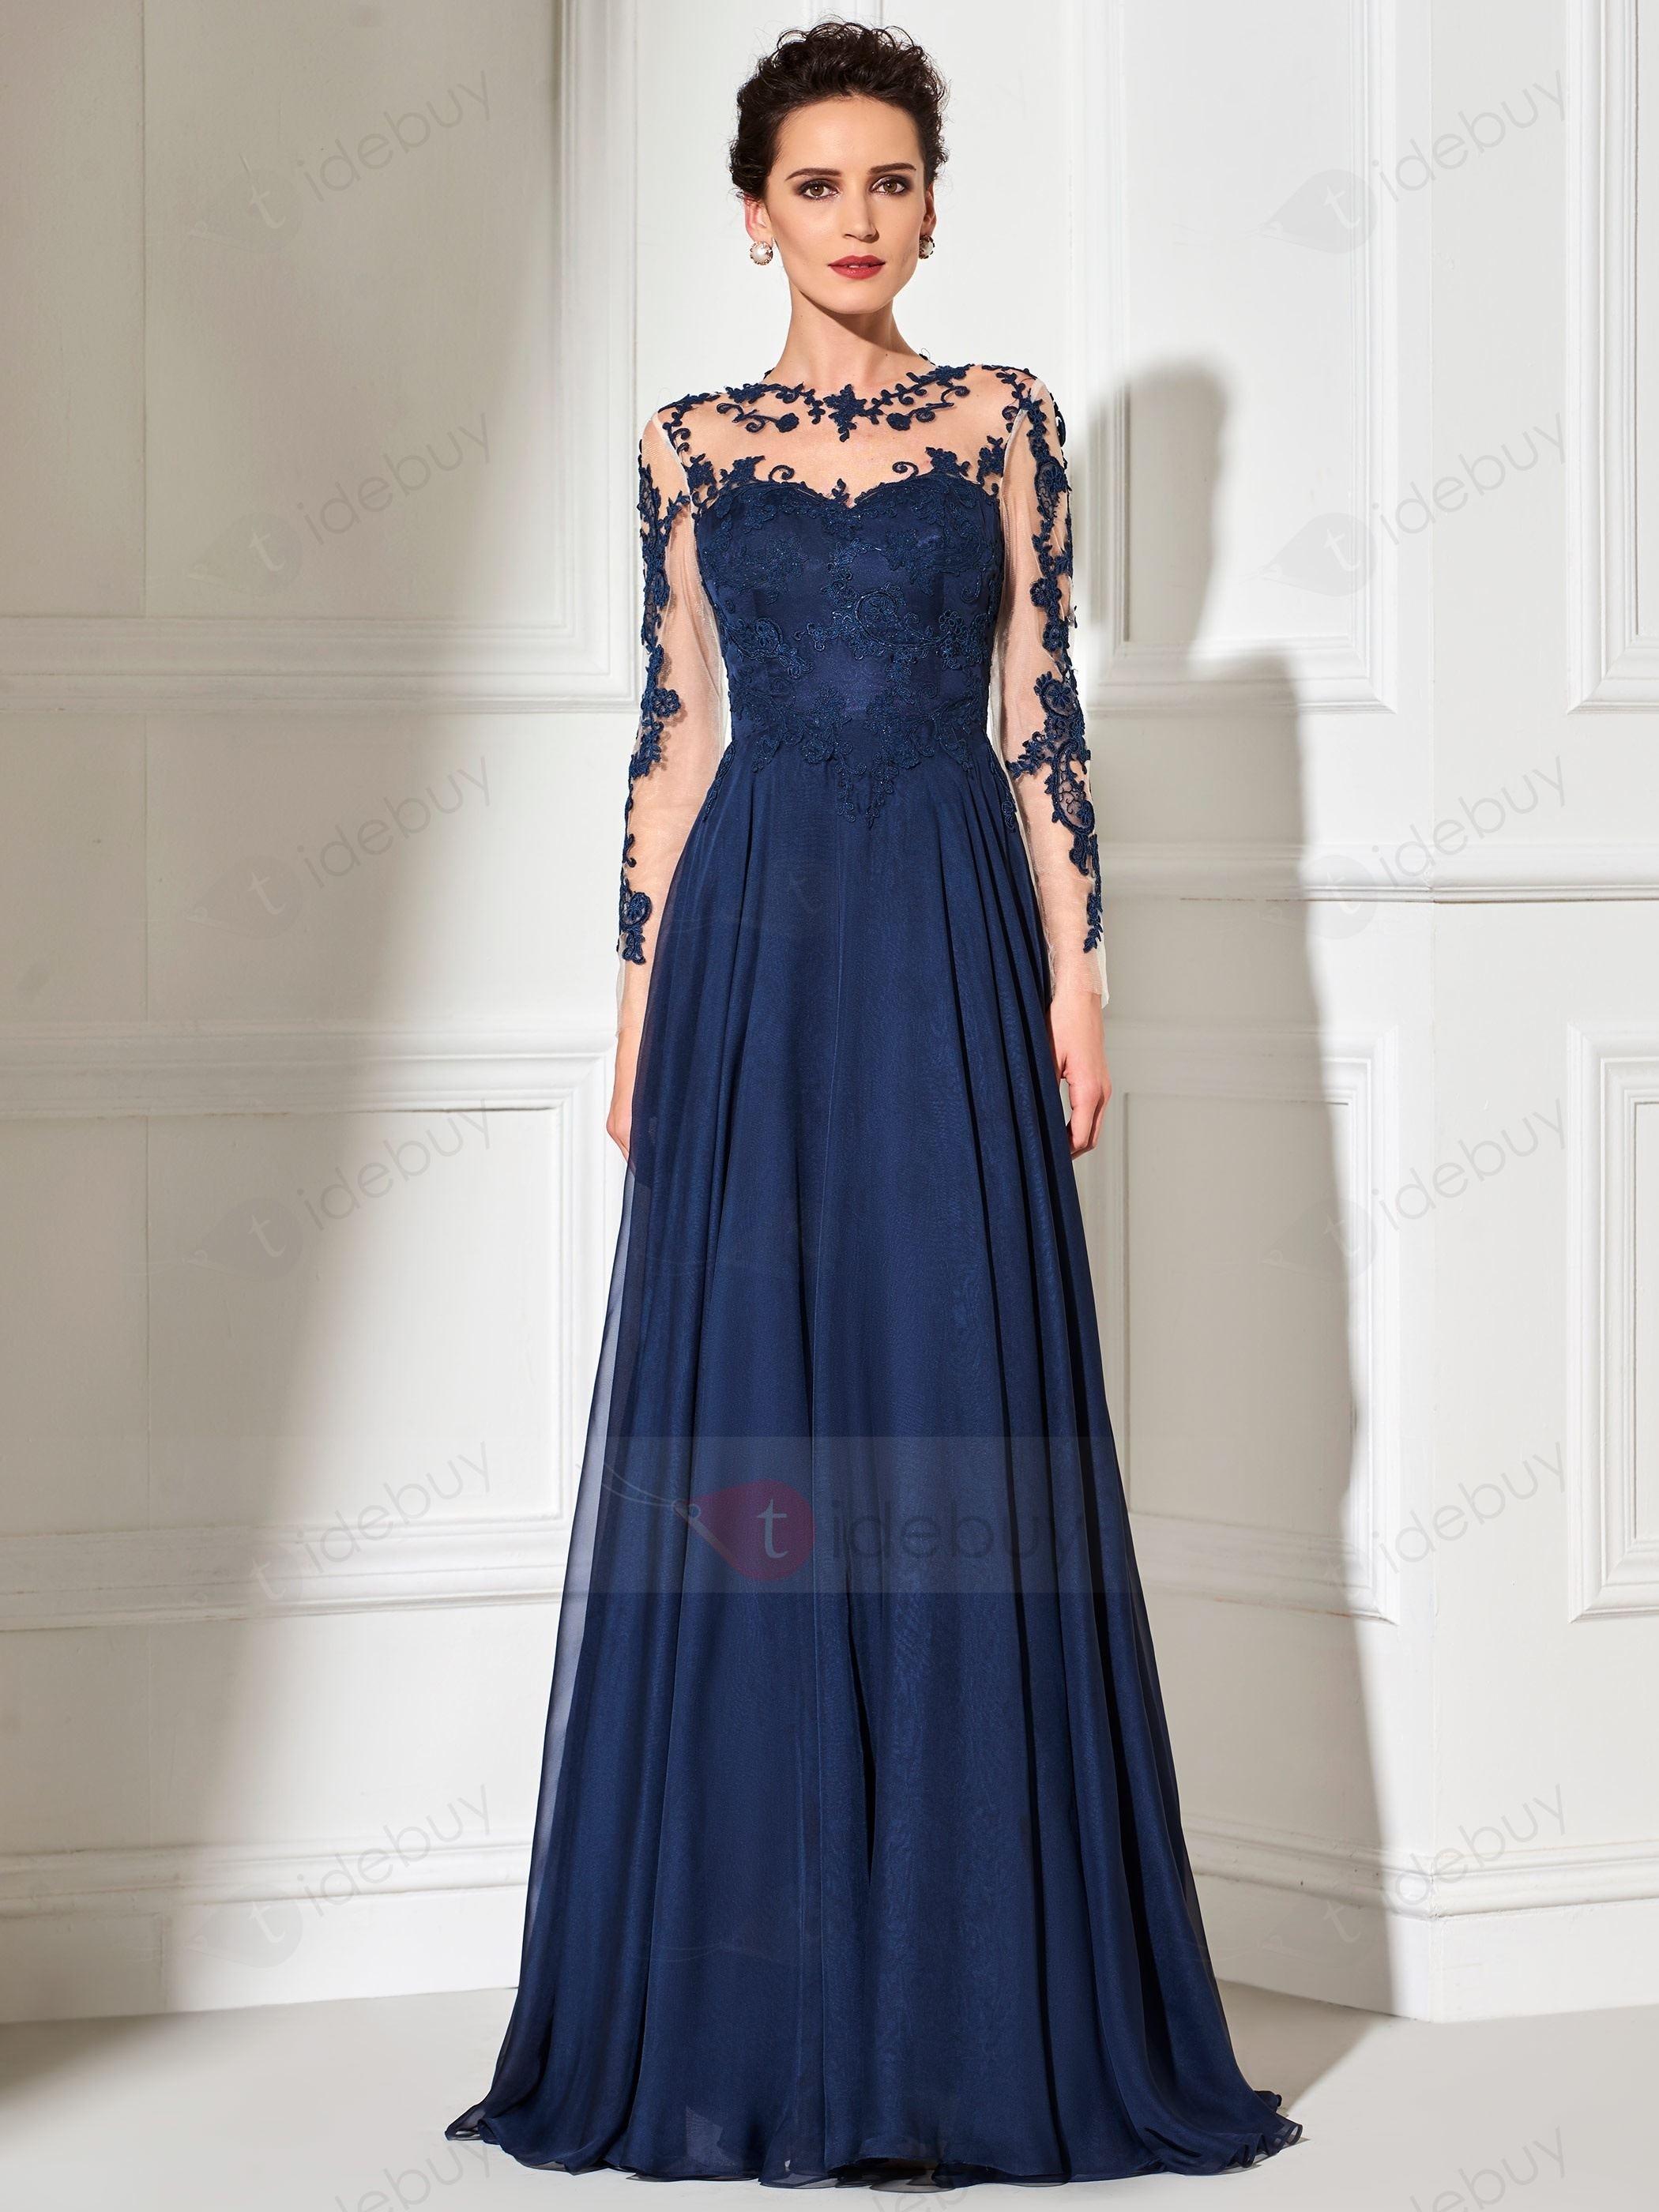 Ausgezeichnet Moderne Abendkleider Lang Boutique20 Genial Moderne Abendkleider Lang für 2019